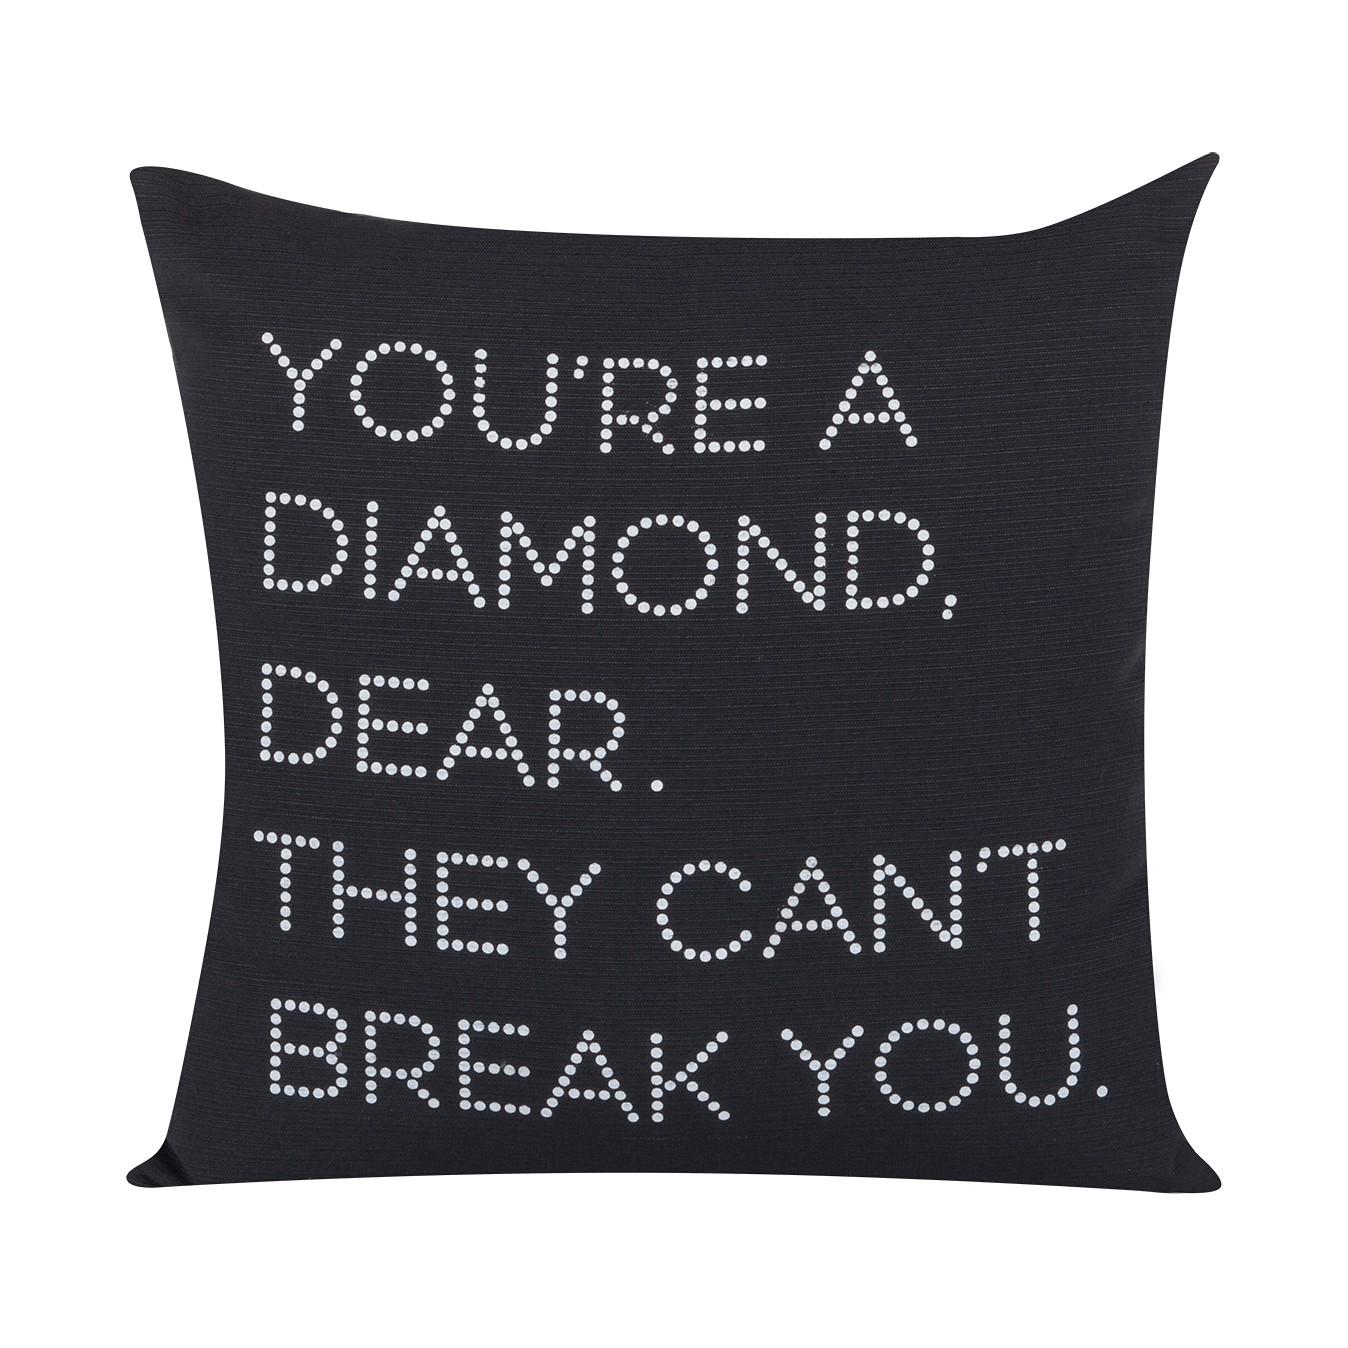 Kussenhoes Breaking Diamonds - wit - Zwart, Morteens